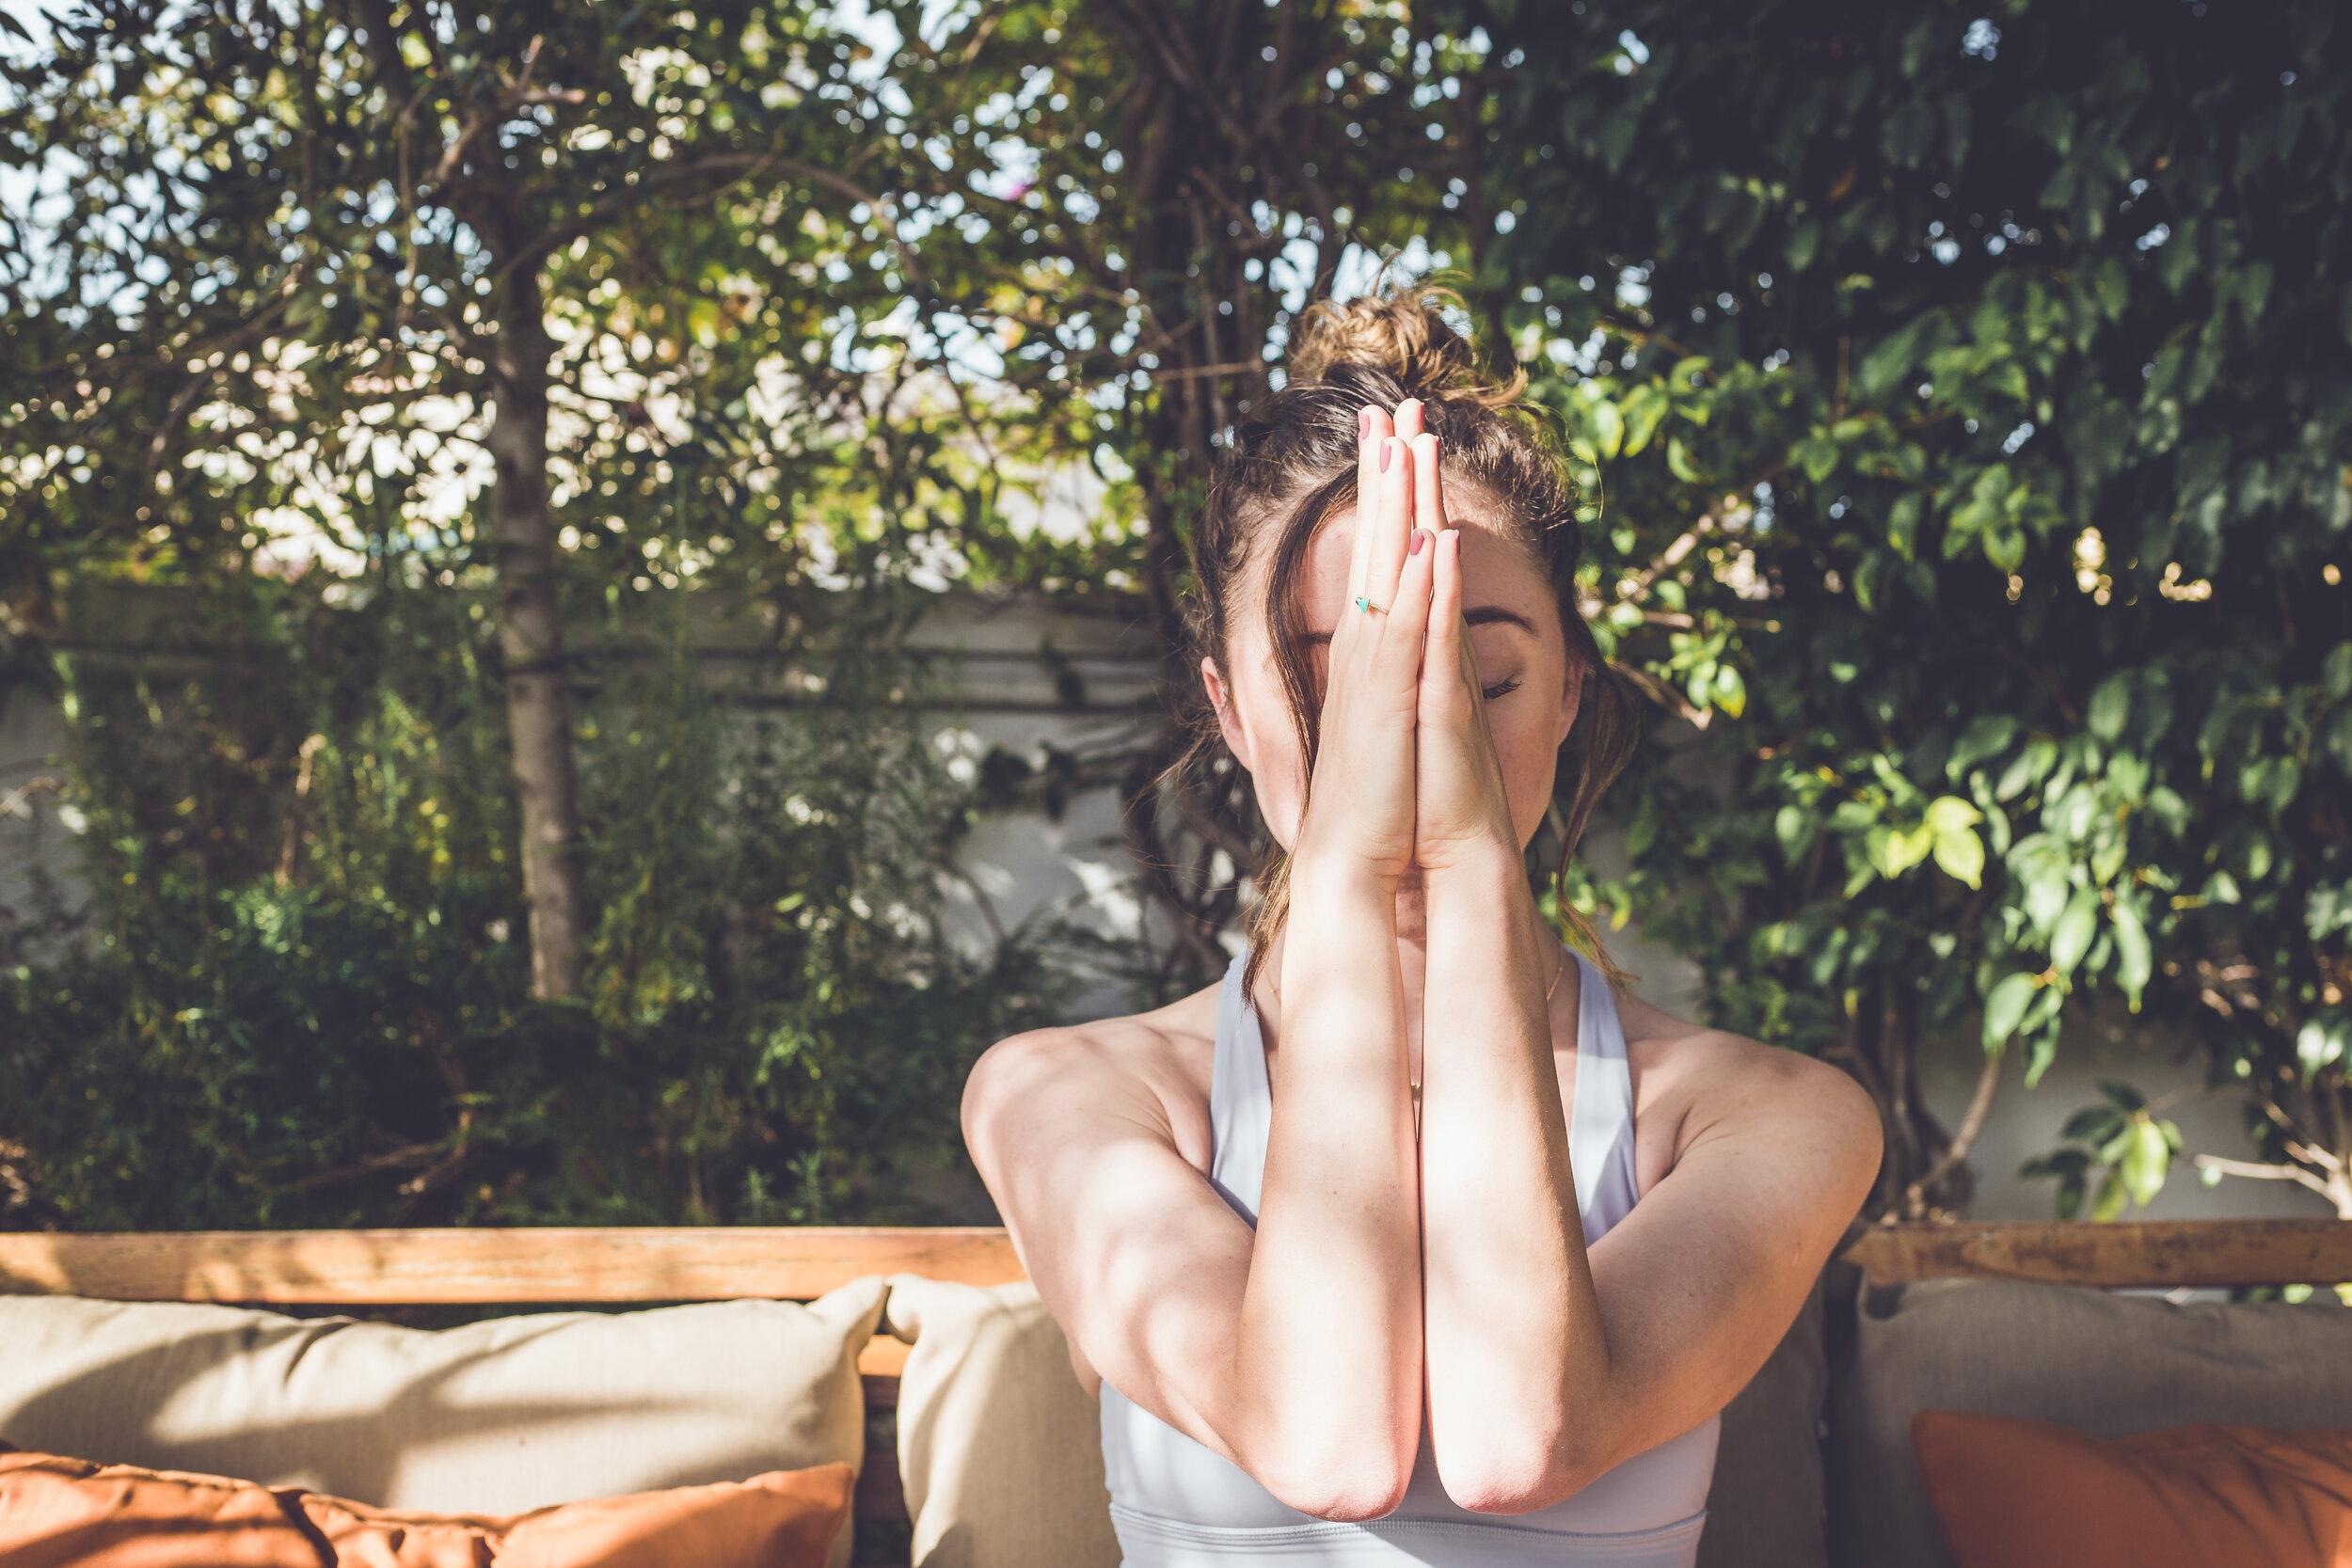 Emma West yoga - 2 2 . 1 1 . 1 9 - 2 4 . 1 1 . 1 9